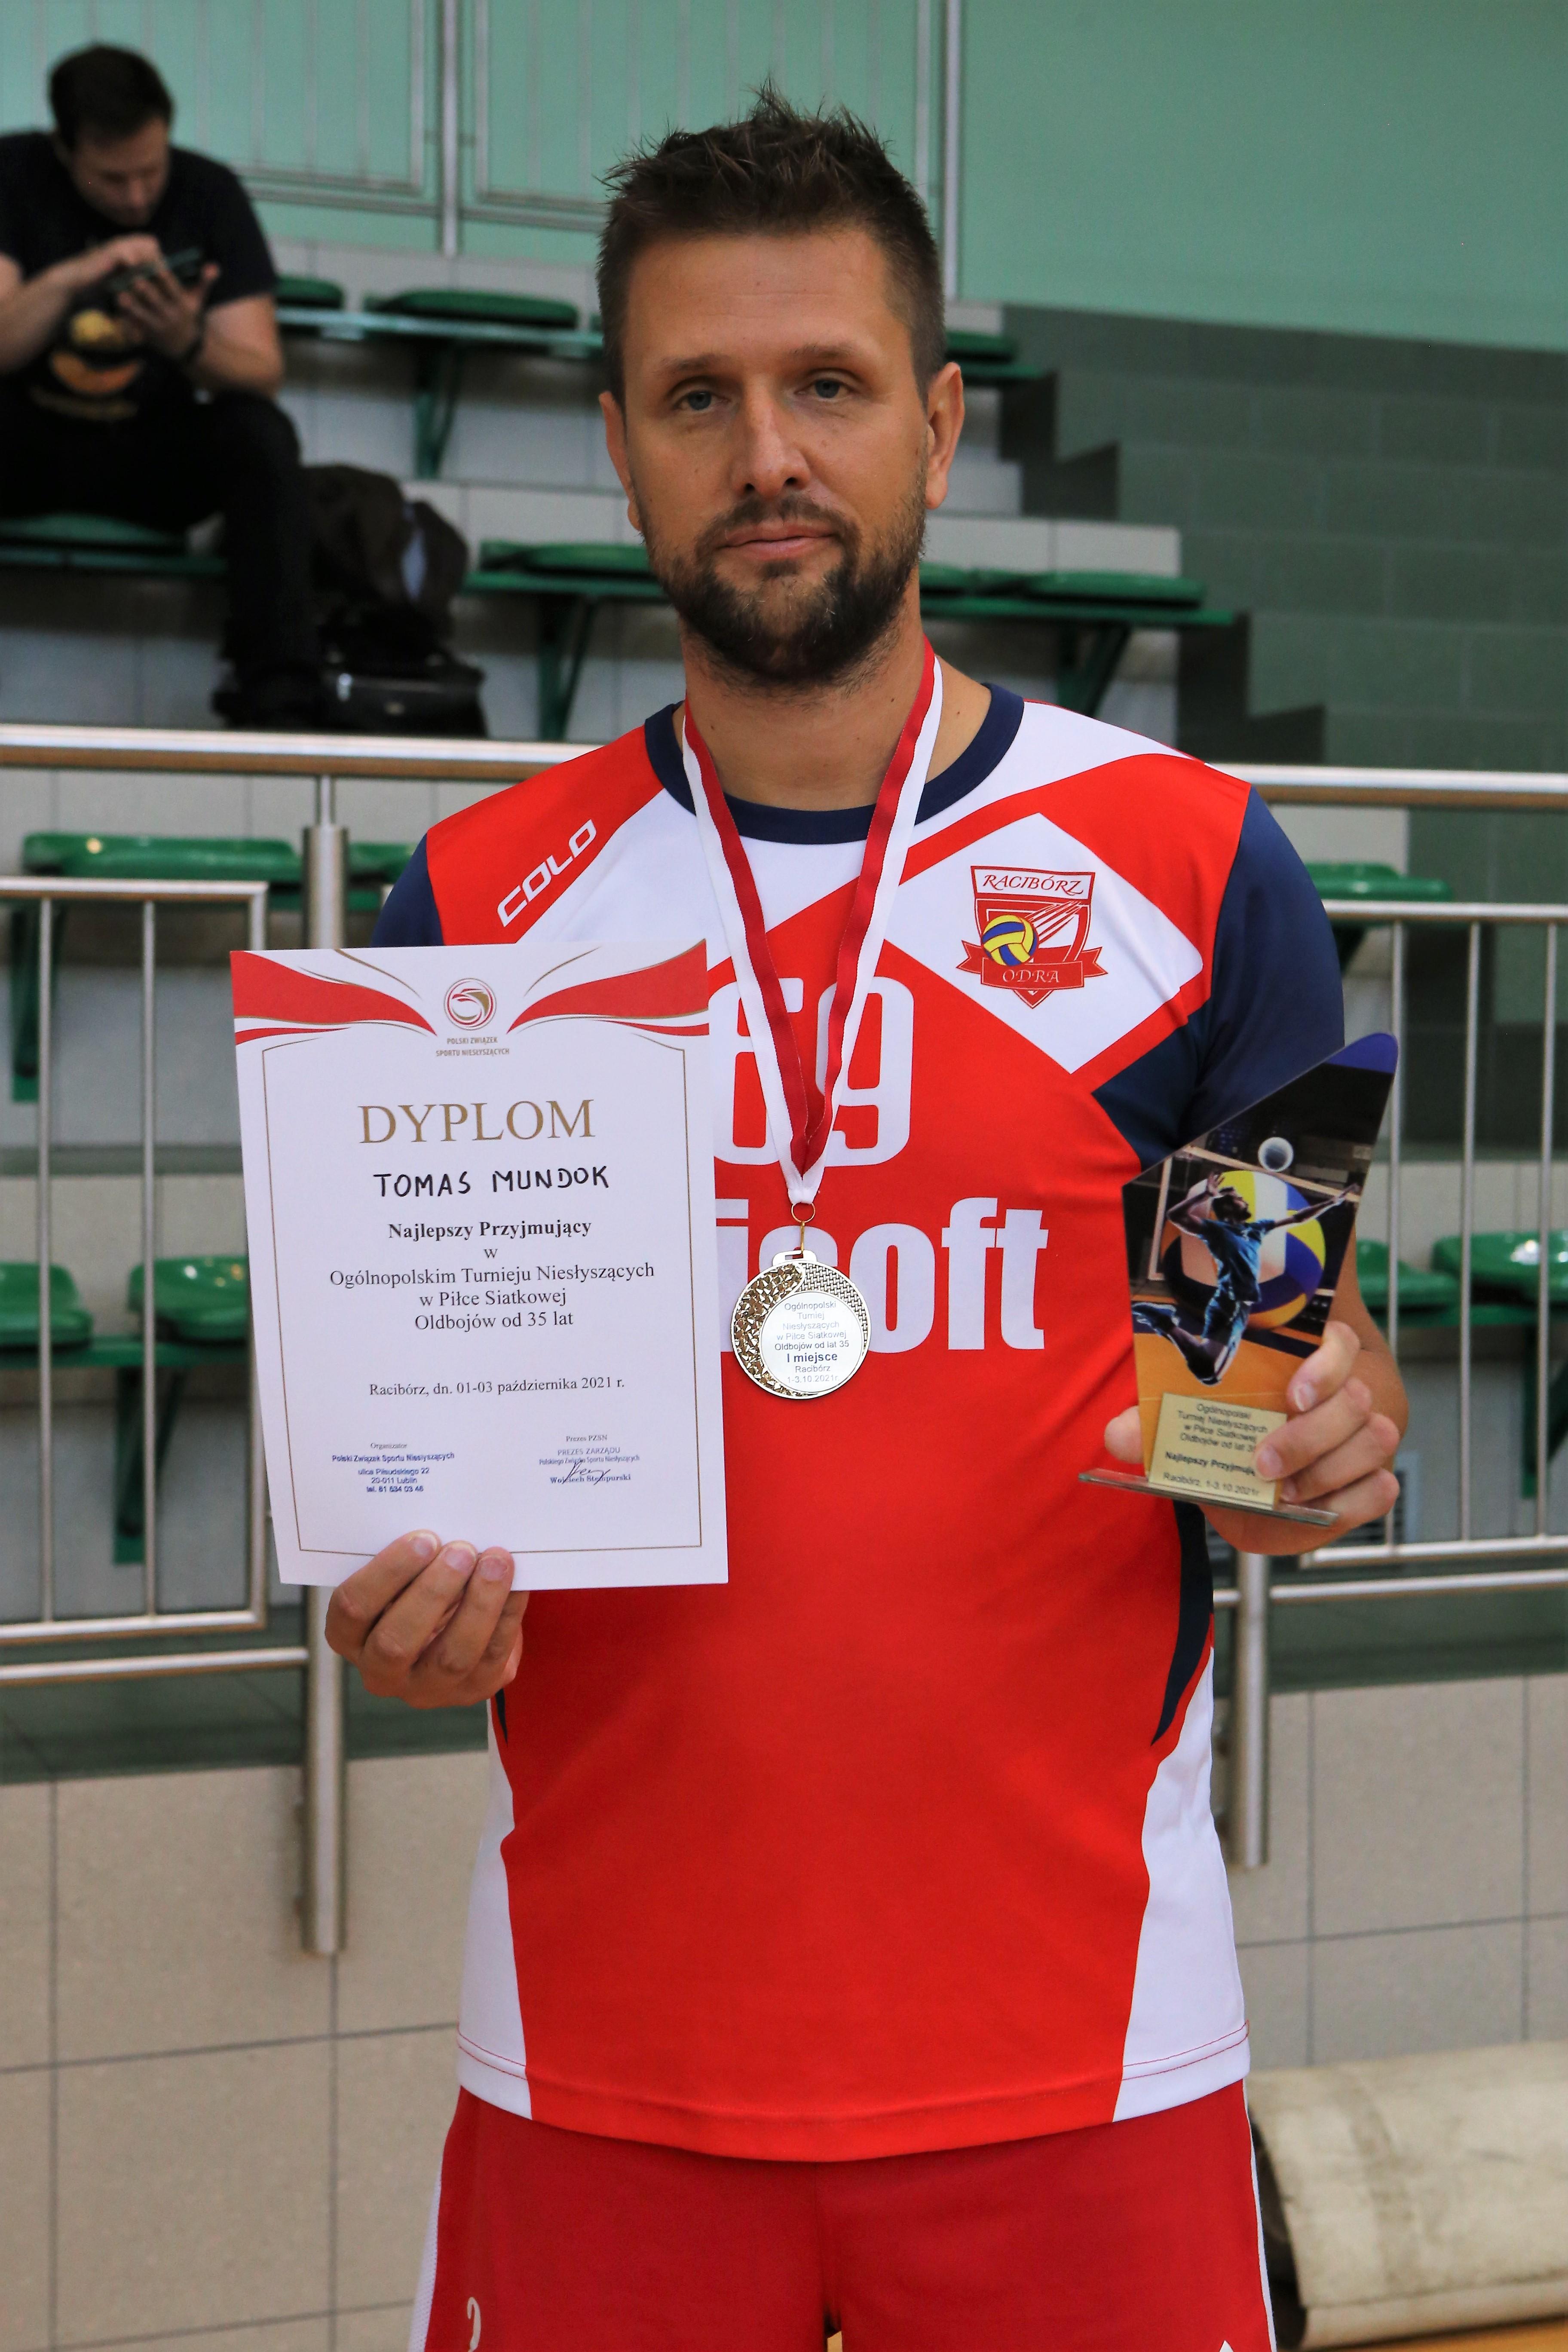 """Tomas Mundok otrzymał wyróżnienie dla """"najlepiej przyjmującego"""" zawodnika turnieju."""